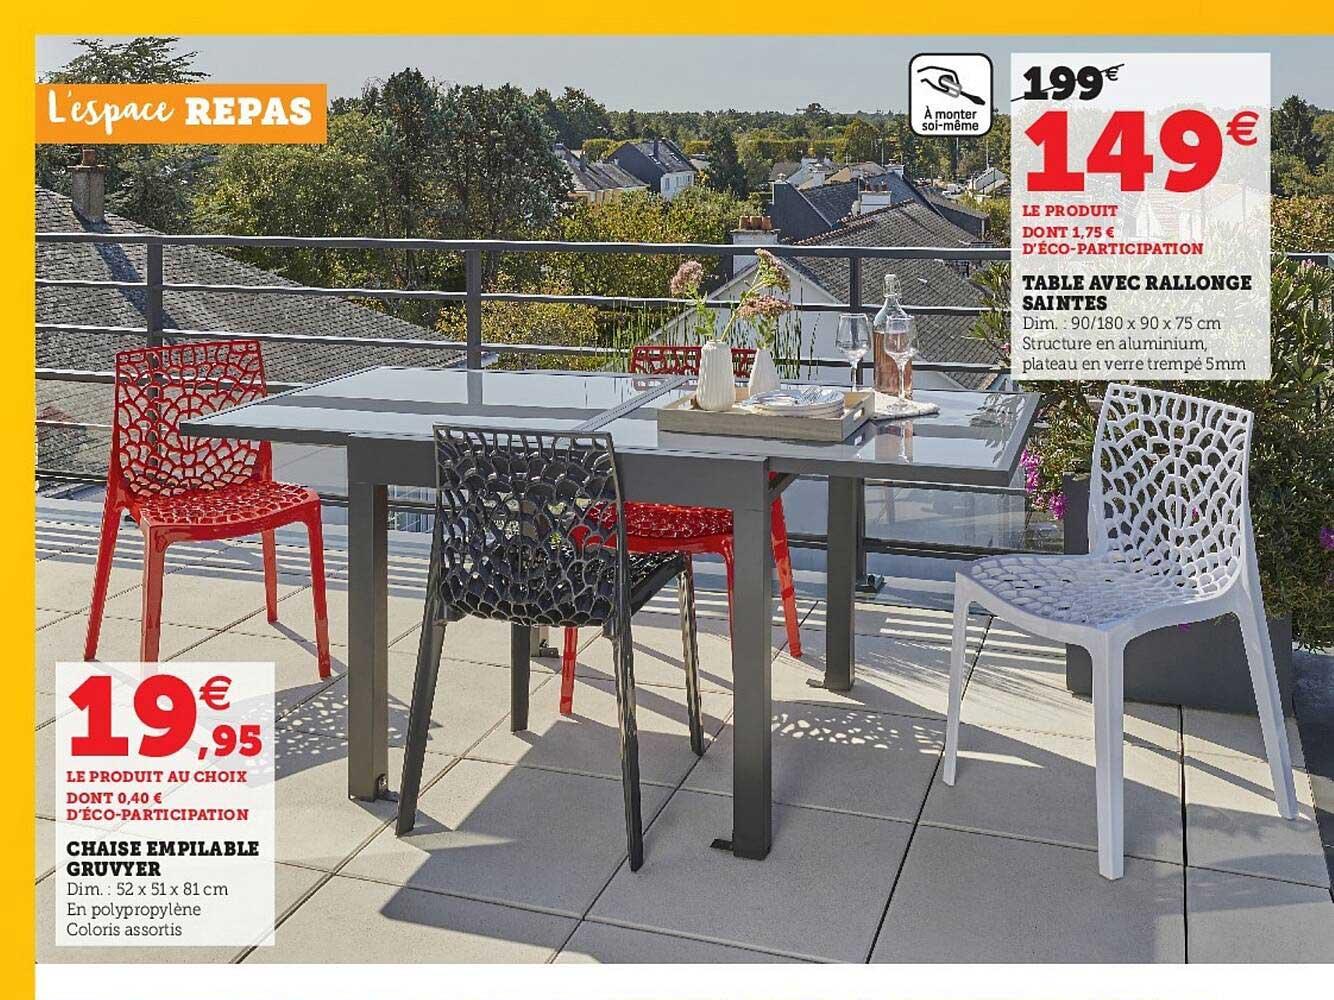 Super U Table Avec Rallonge Saintes, Chaise Empilable Gruvyer